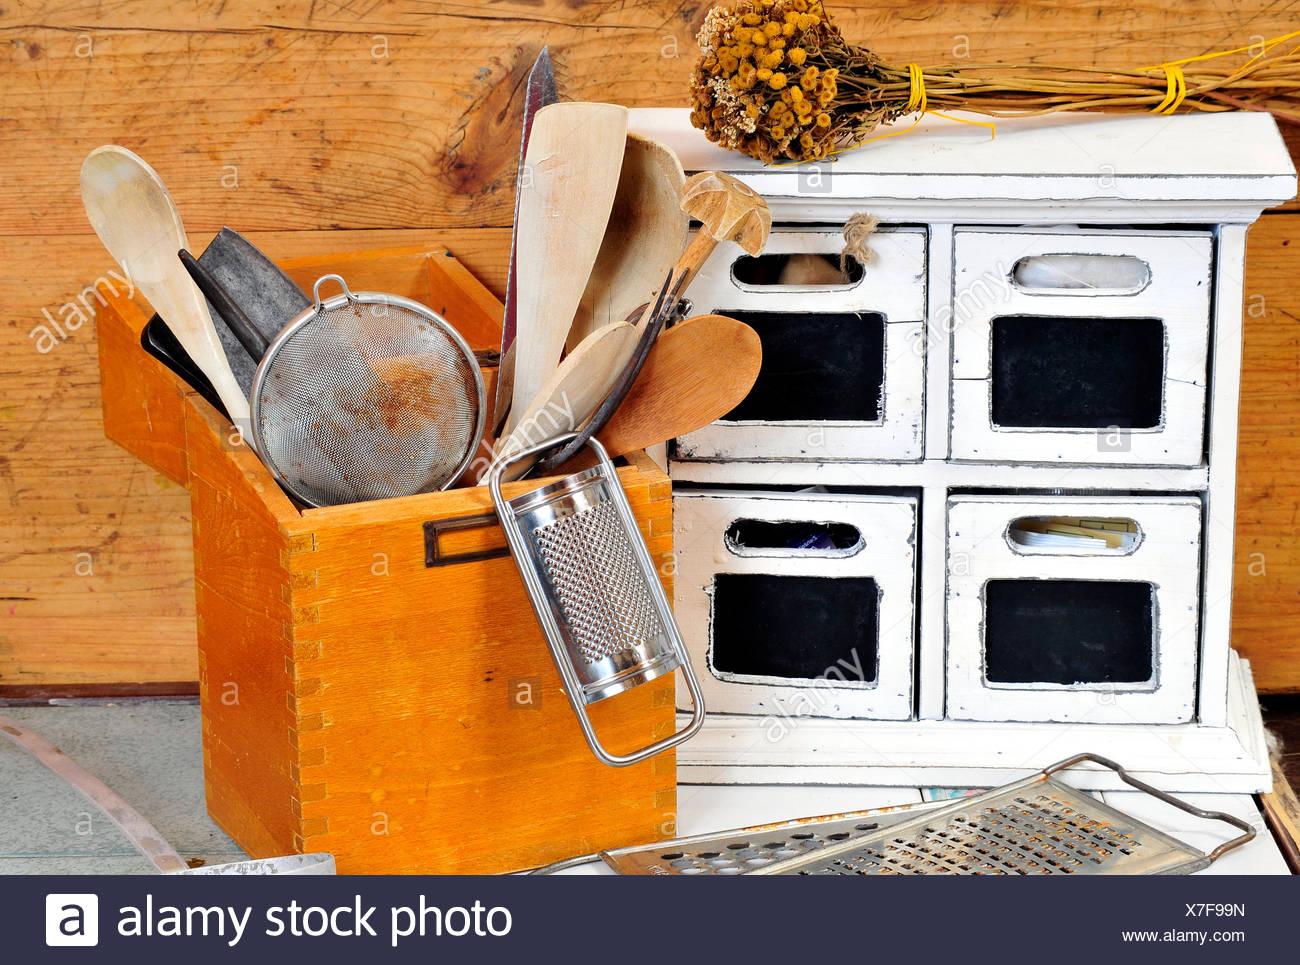 old kitchen helper kitchen utensils - Stock Image